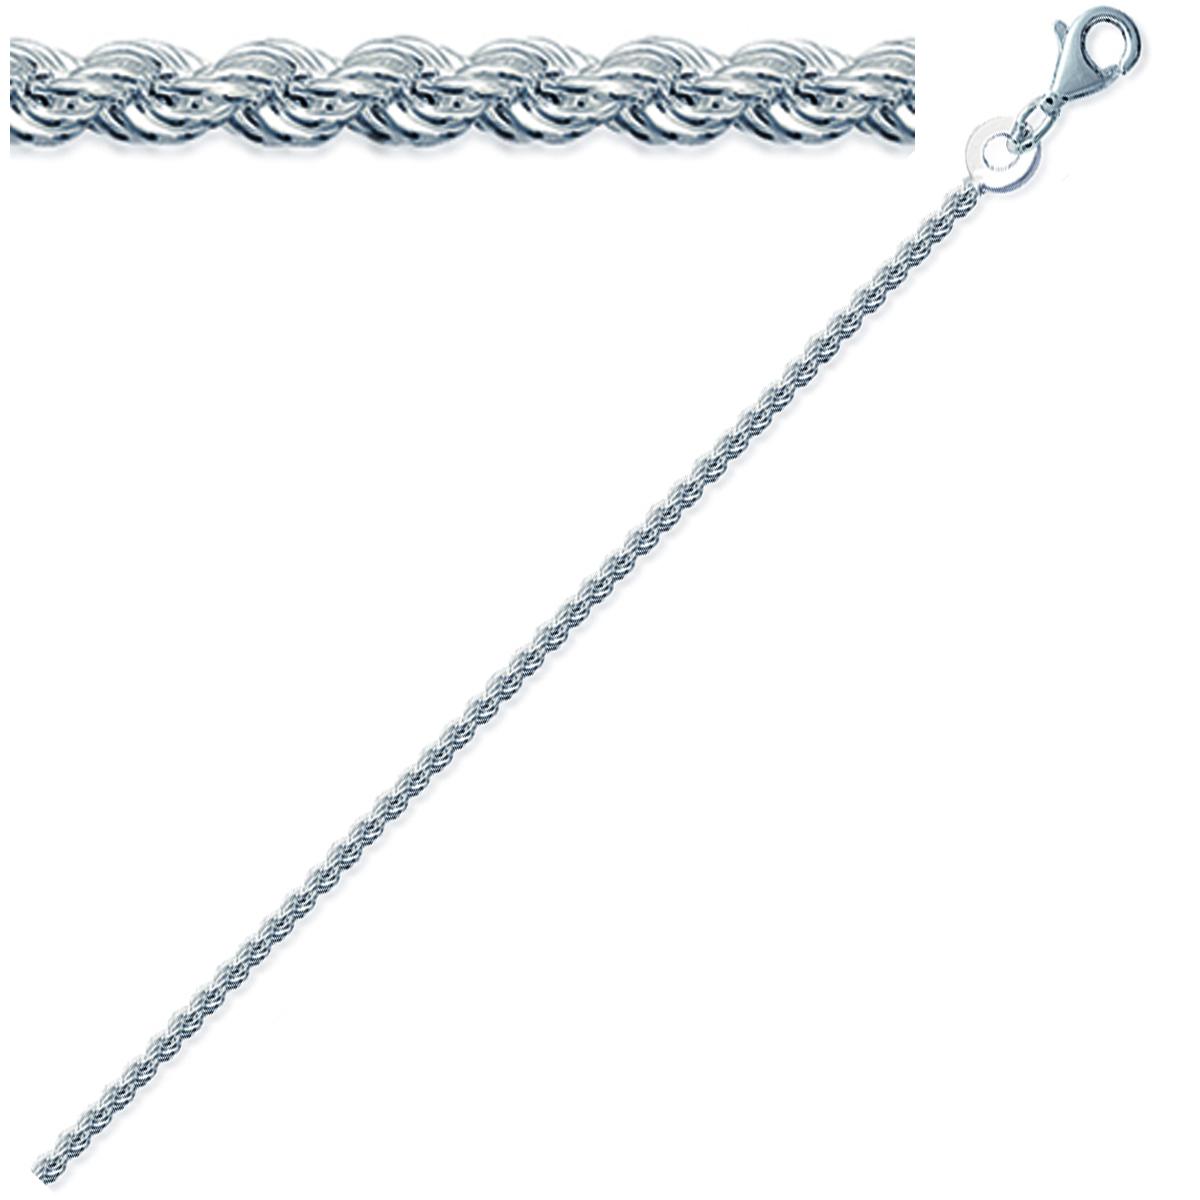 Chaine Argent \'Corde\' argenté - 50 cm 2 mm - [C7430]